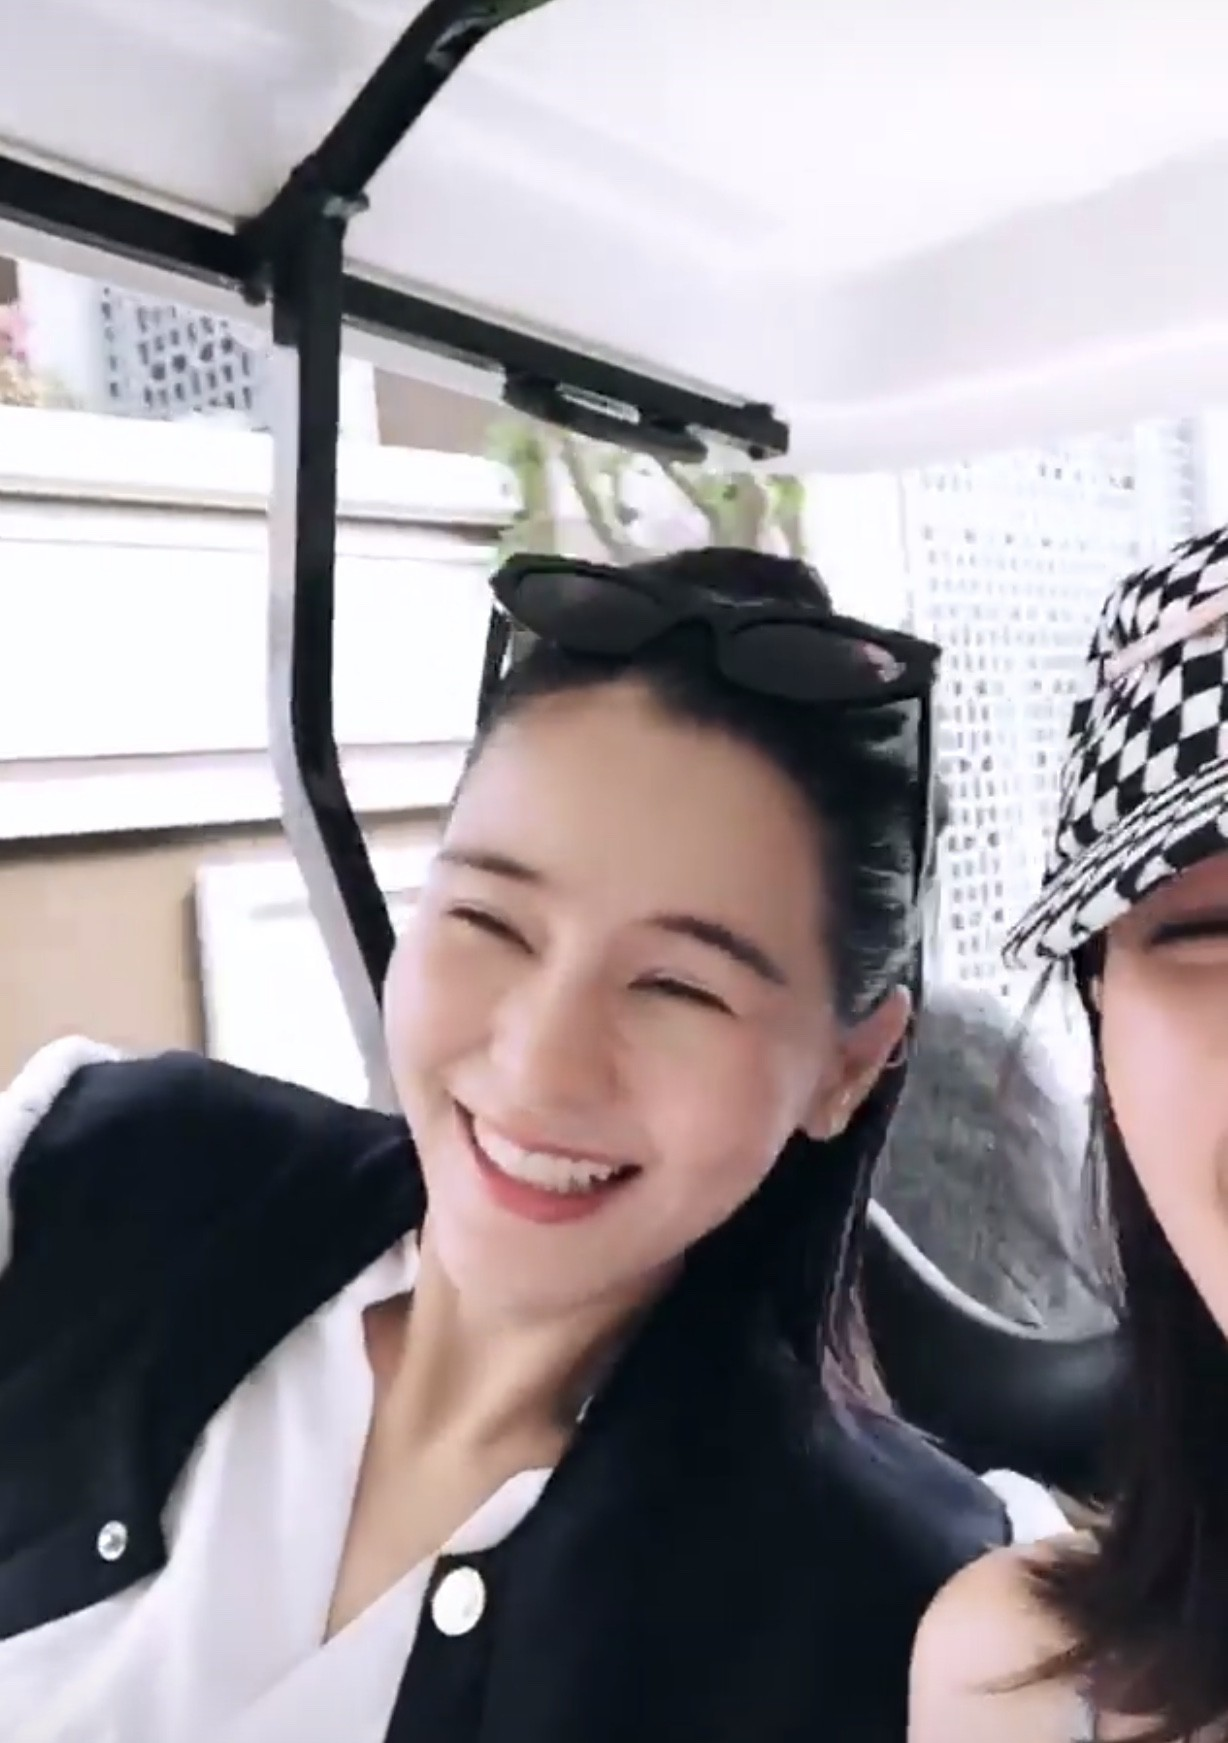 Song Hye Kyo Thái Lan Aom Sushar cười tít mắt, khoe vẻ đẹp mong manh khi đặt chân đến Phú Quốc - Ảnh 2.